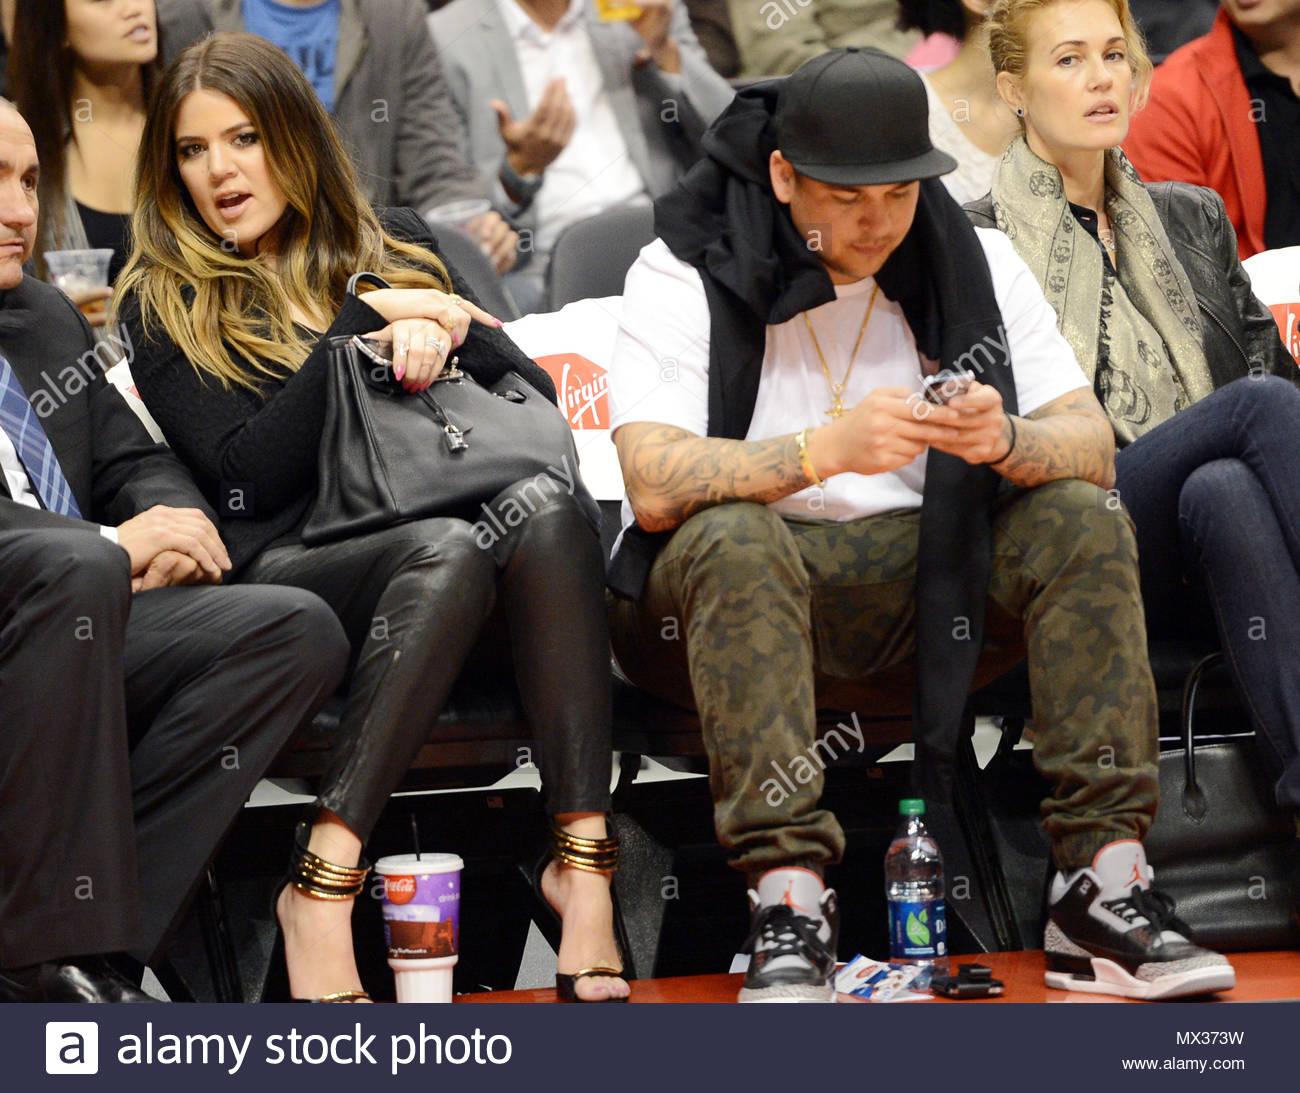 khloe kardashian and rob kardashian khloe kardashian and rob